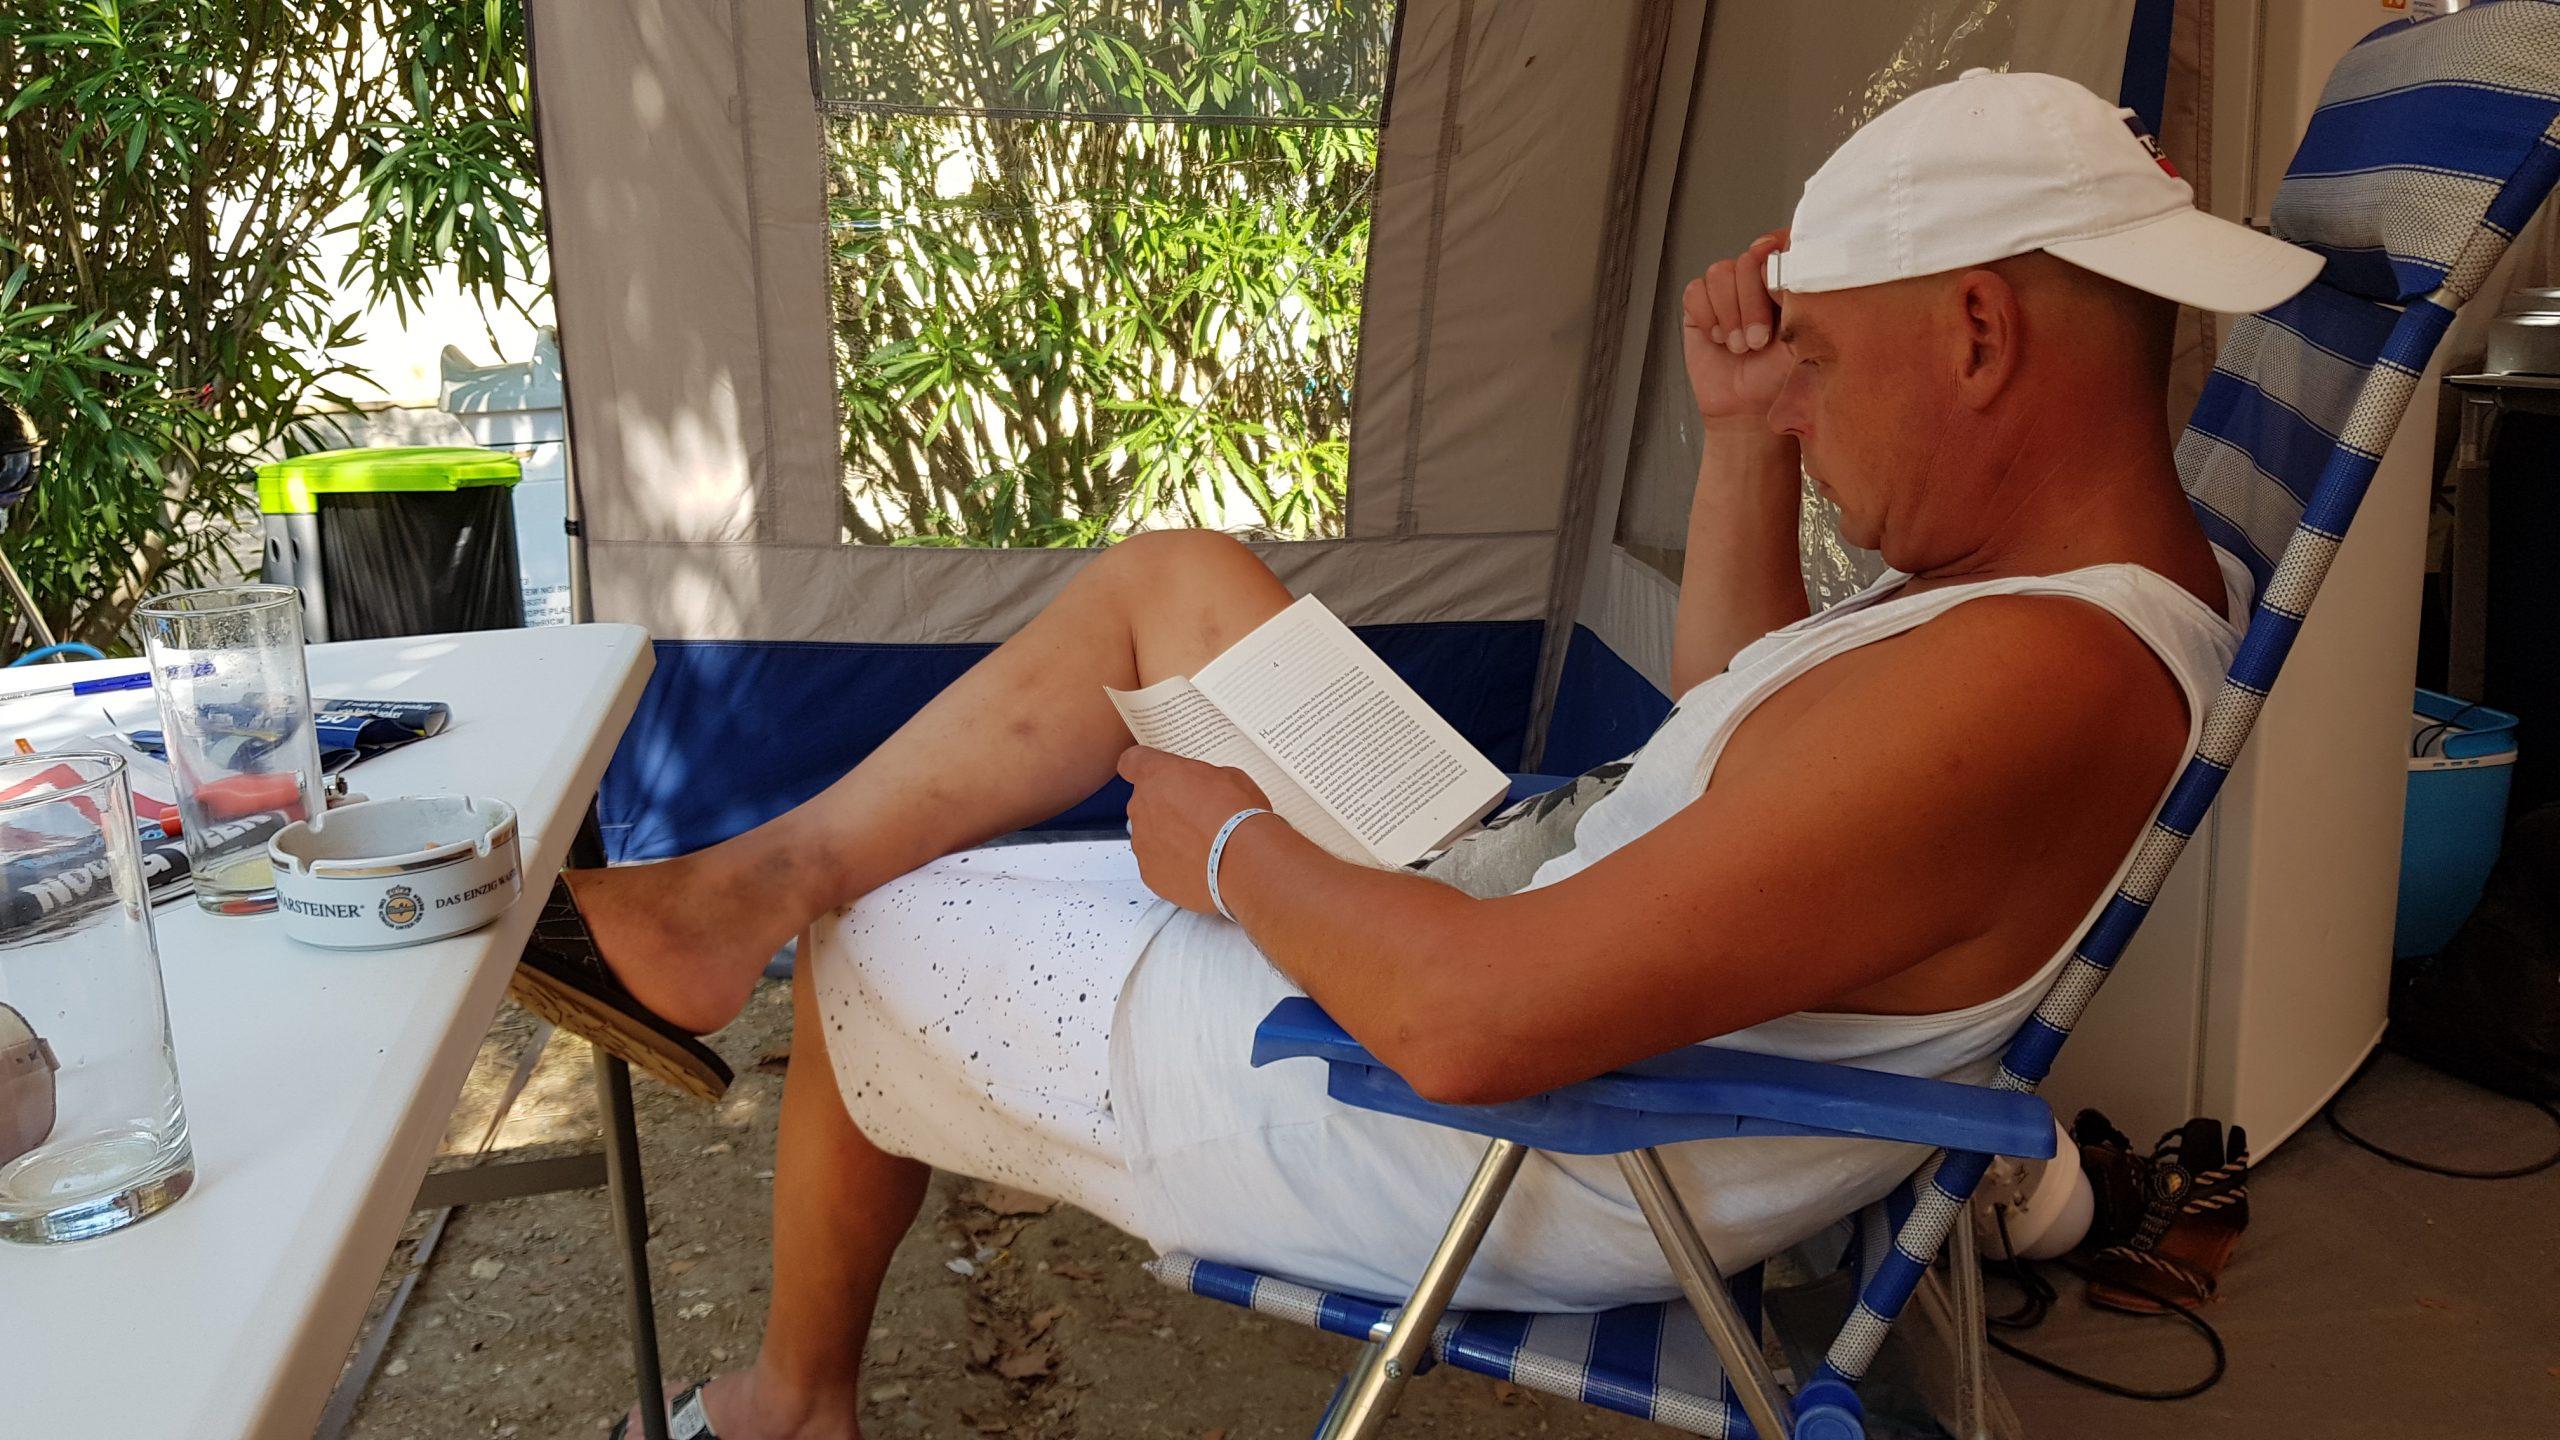 Boekje lezen voor de tent